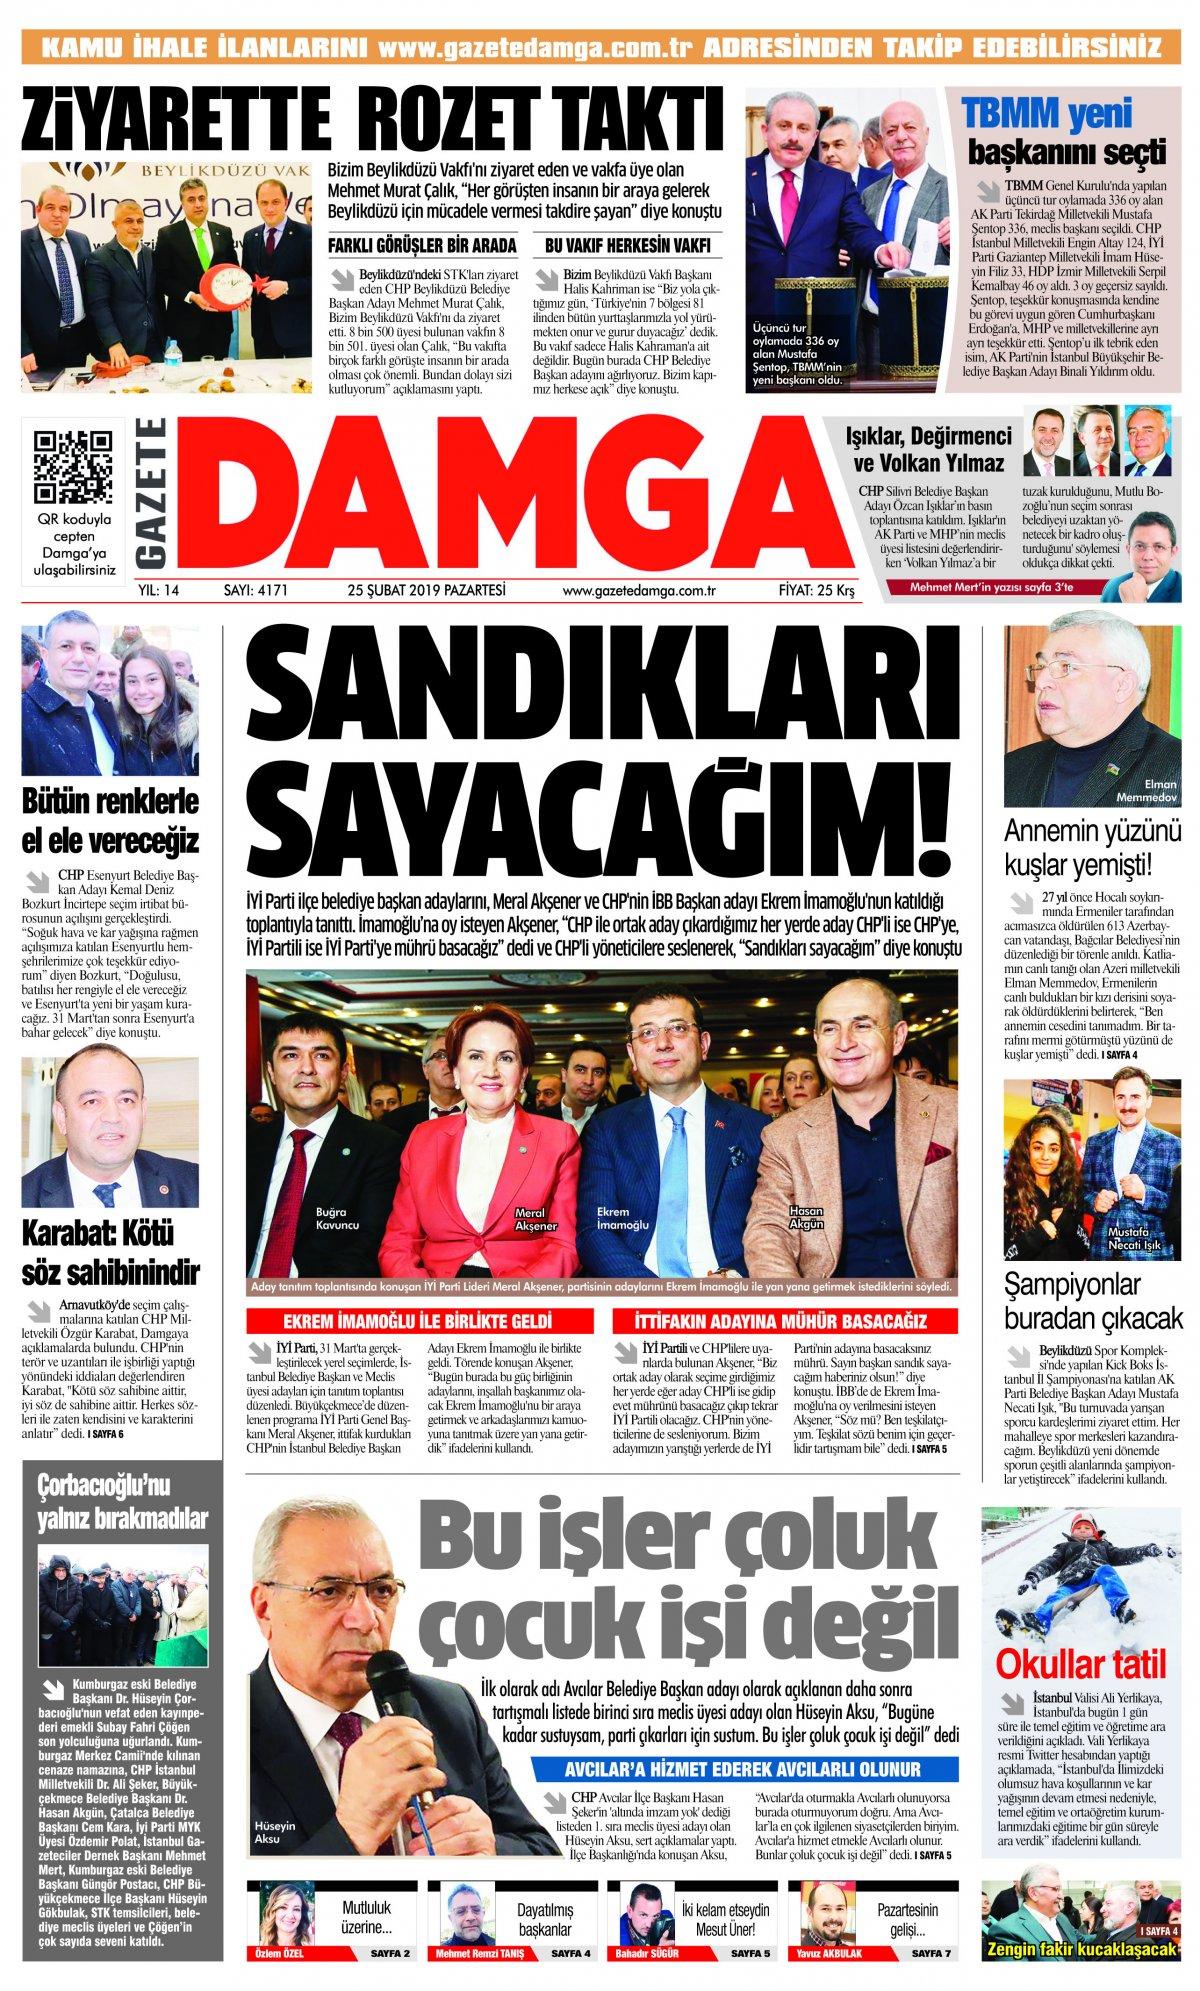 Gazete Damga - 25.02.2019 Sayfaları